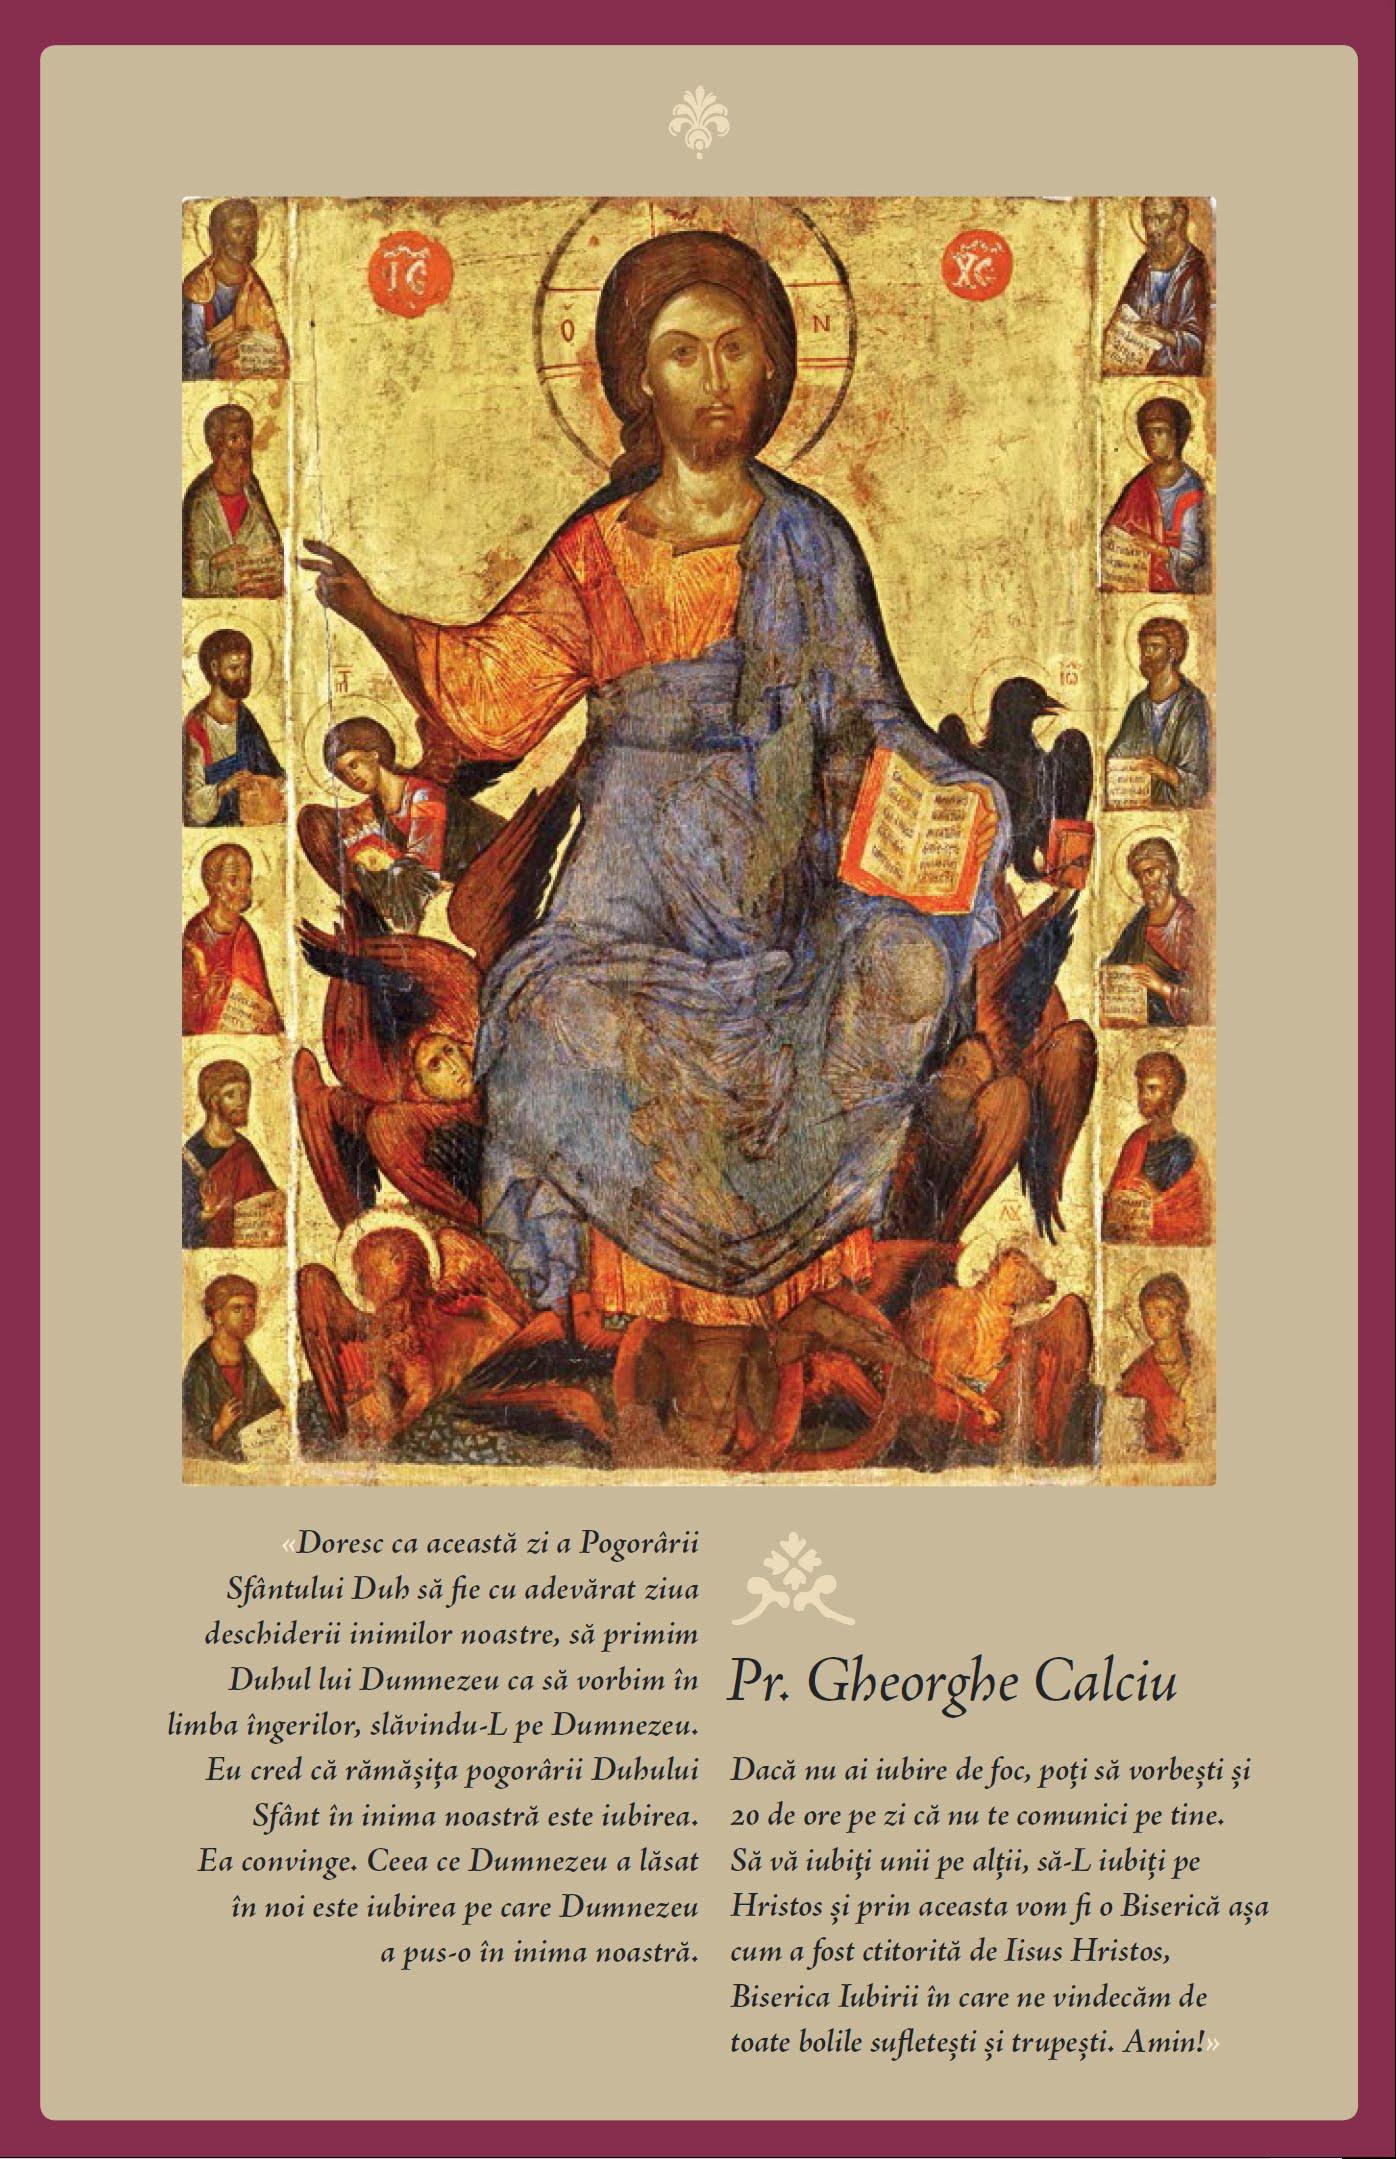 Revista ATITUDINI Nr. 60, număr omagial dedicat Părintelui Justin Pârvu